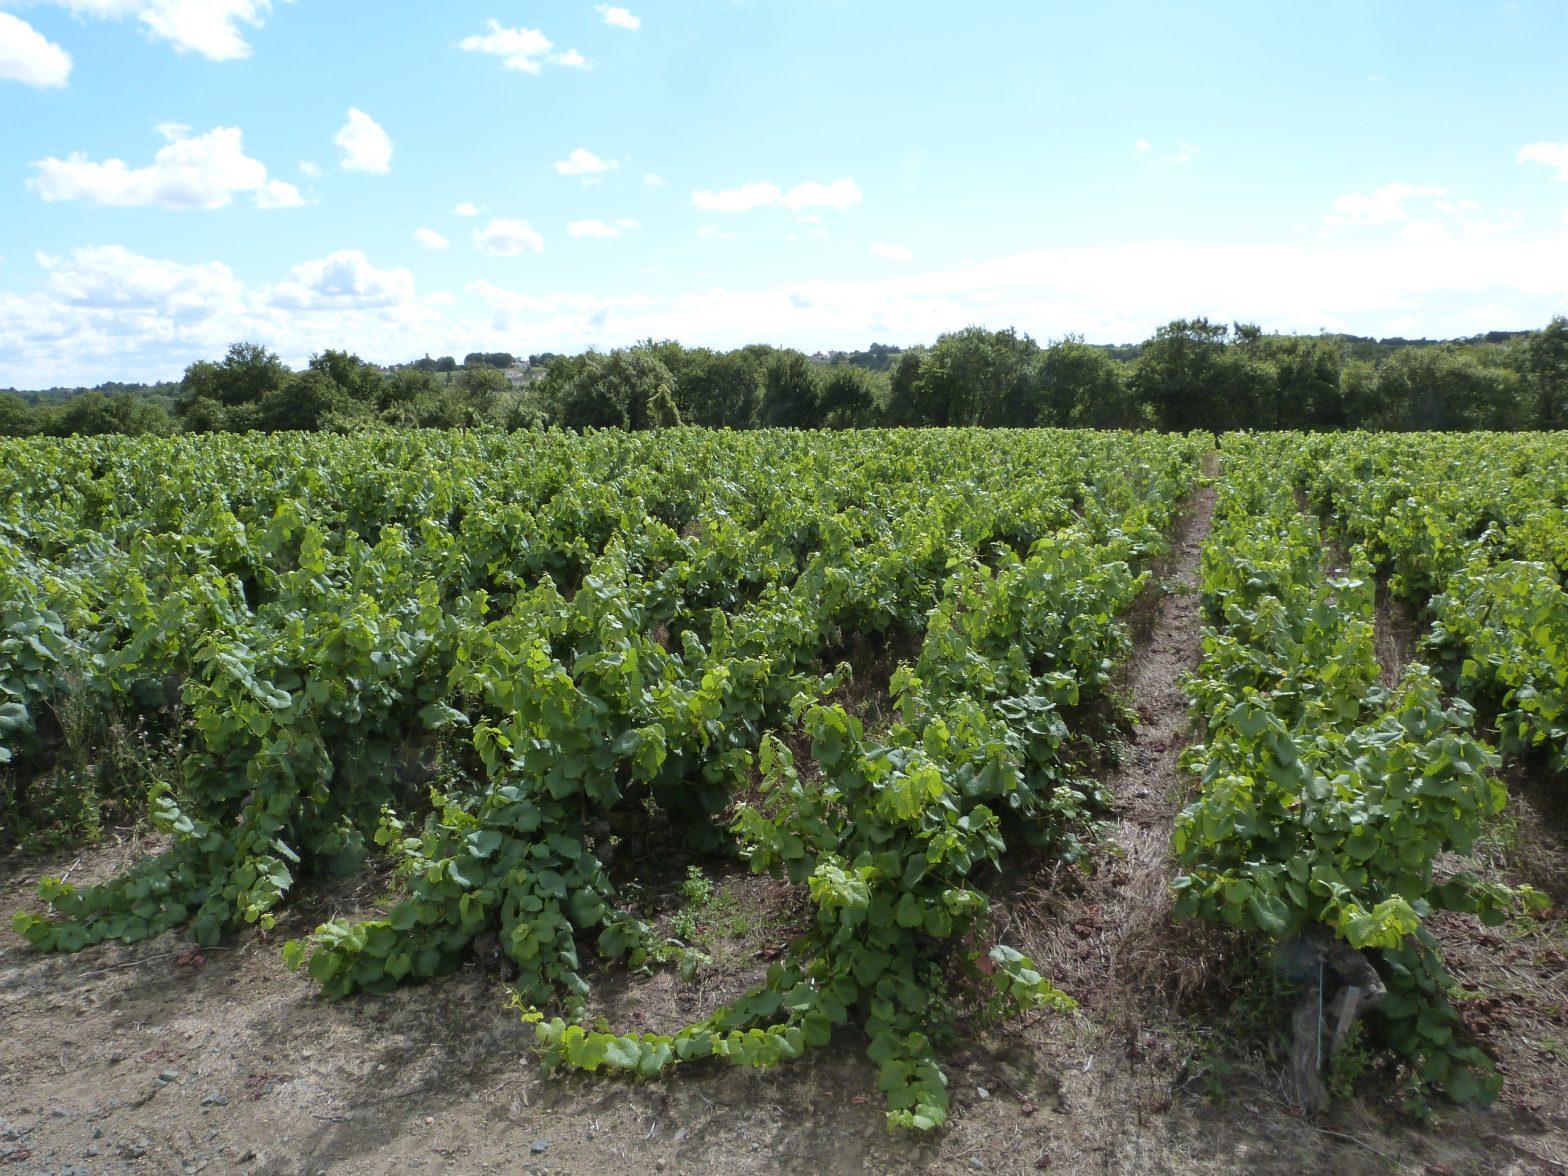 Propriété viticole à vendre de 22 HA - Loire - 18194 - fr